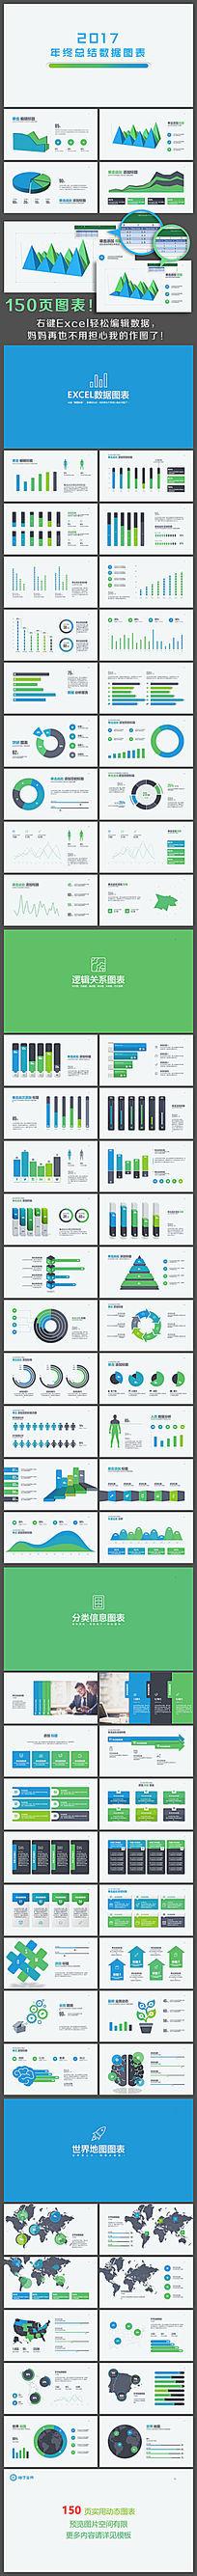 蓝绿色2017总结计划PPT图表